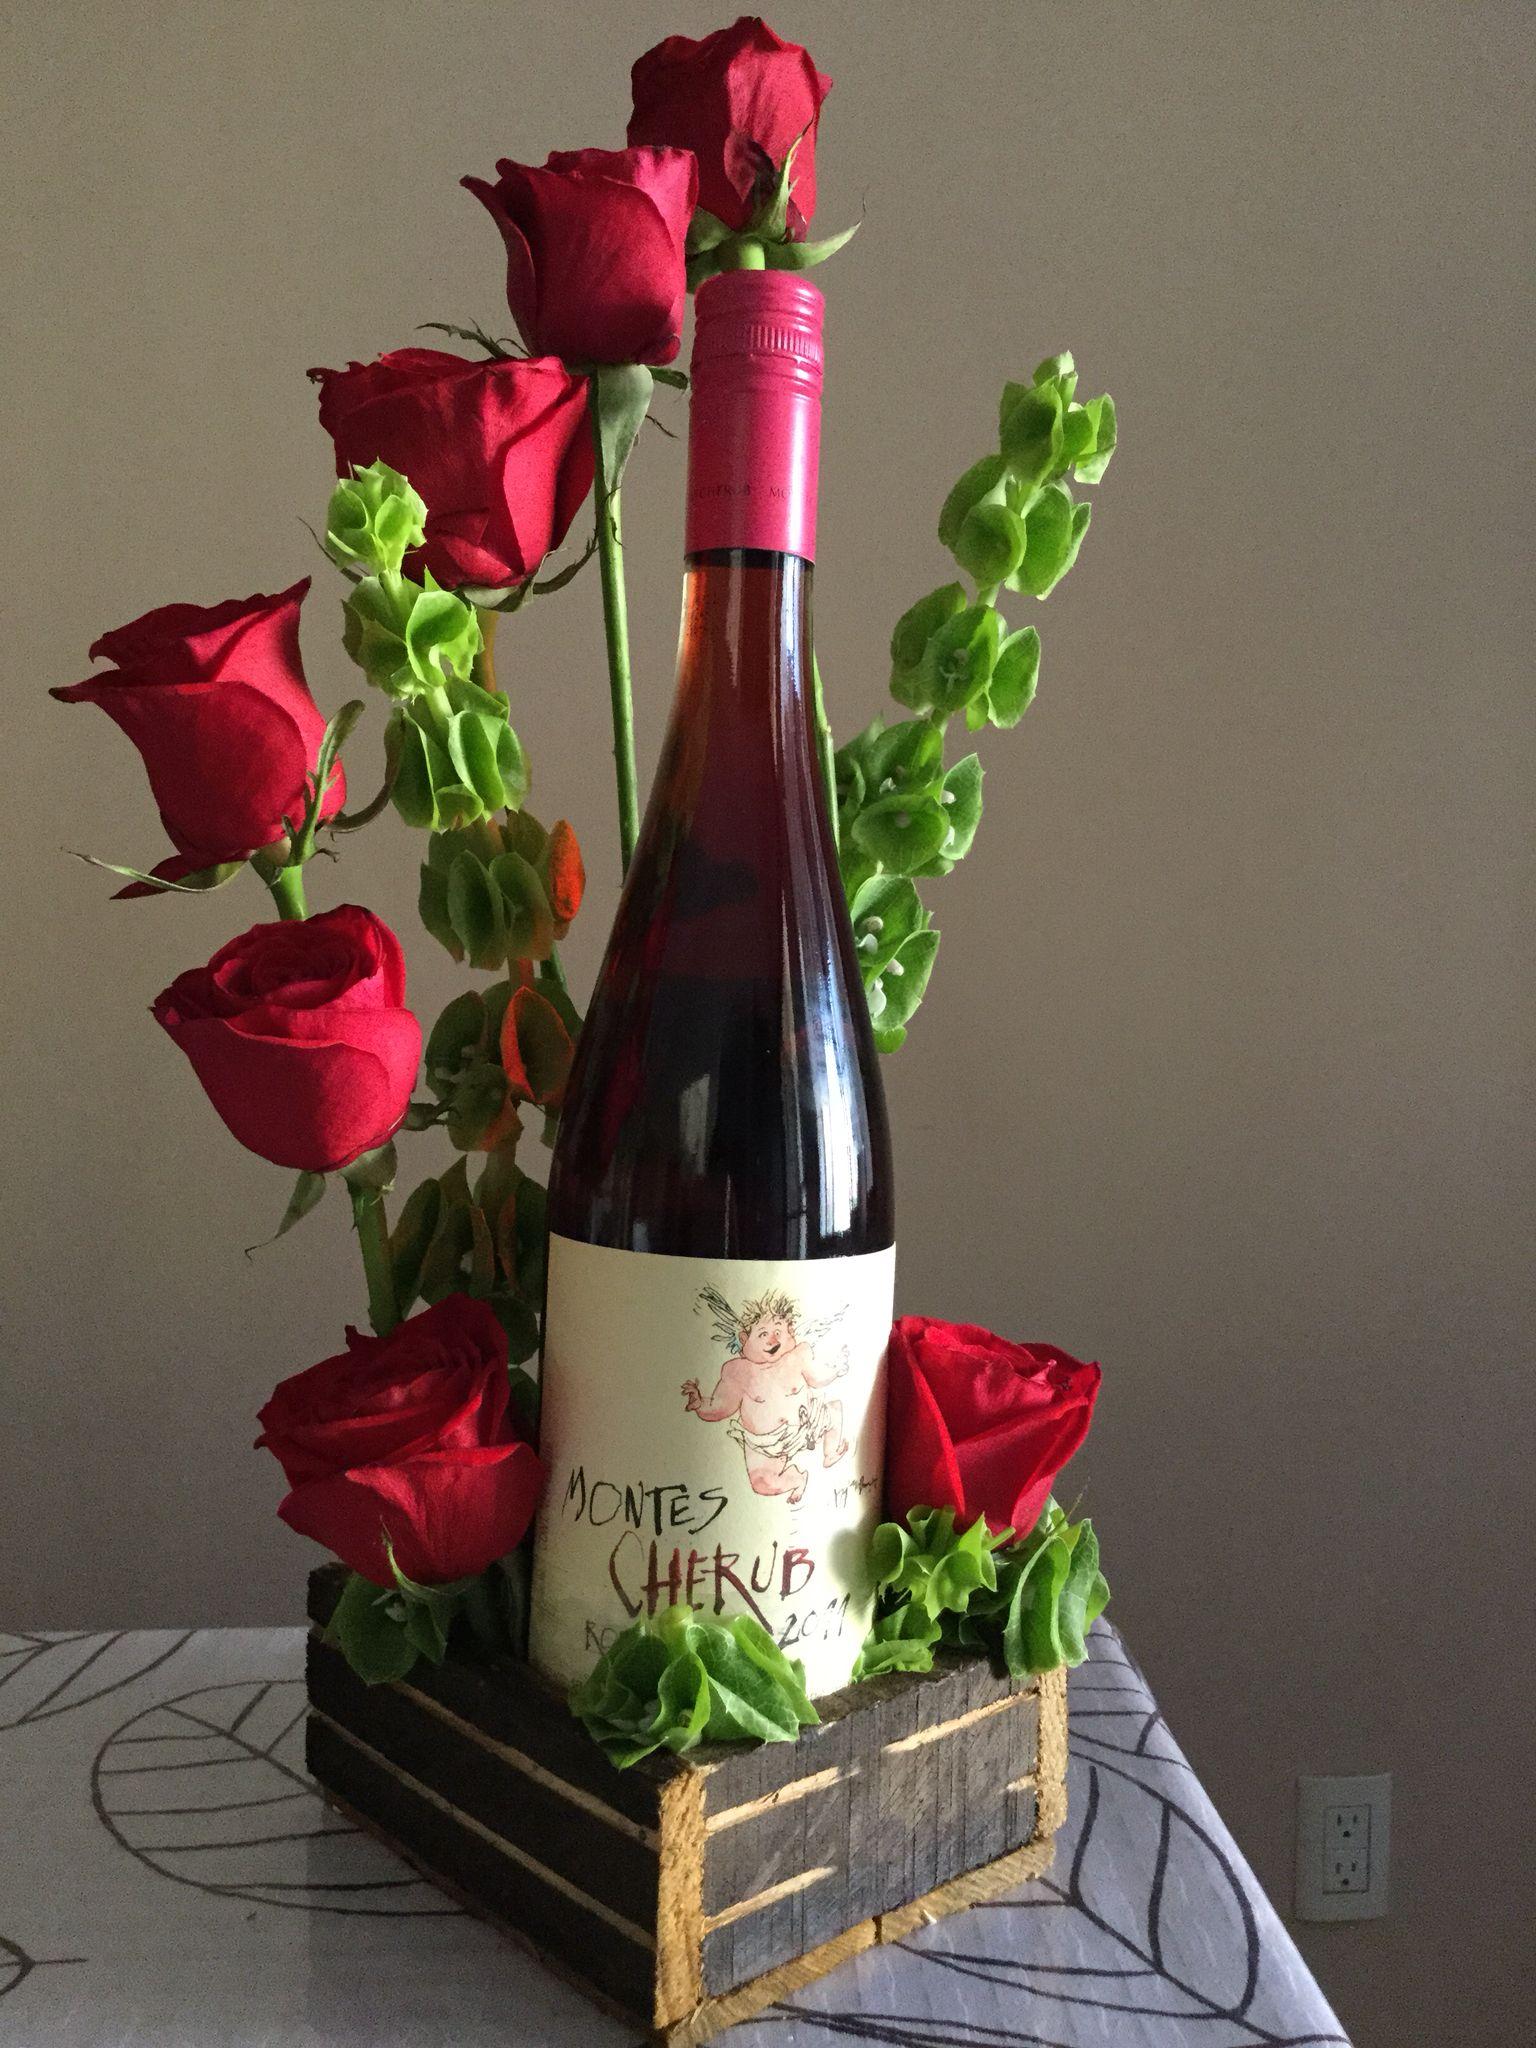 Arreglo Floral Con Botella De Vino Rosas Rojas Con Campana